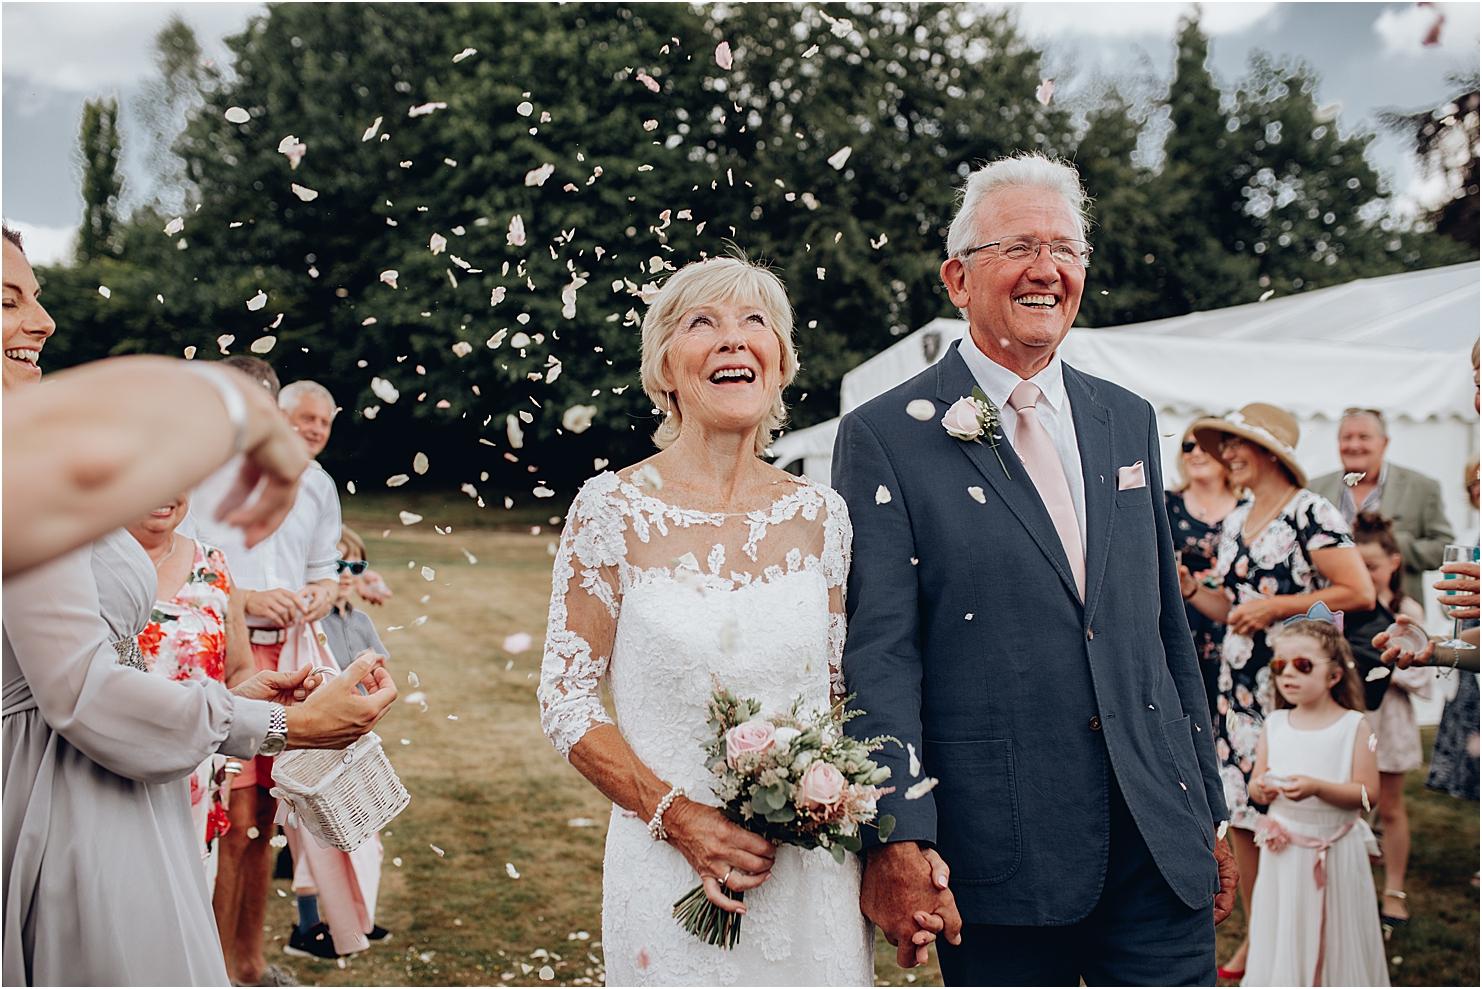 fotos de boda en exterior-18.jpg